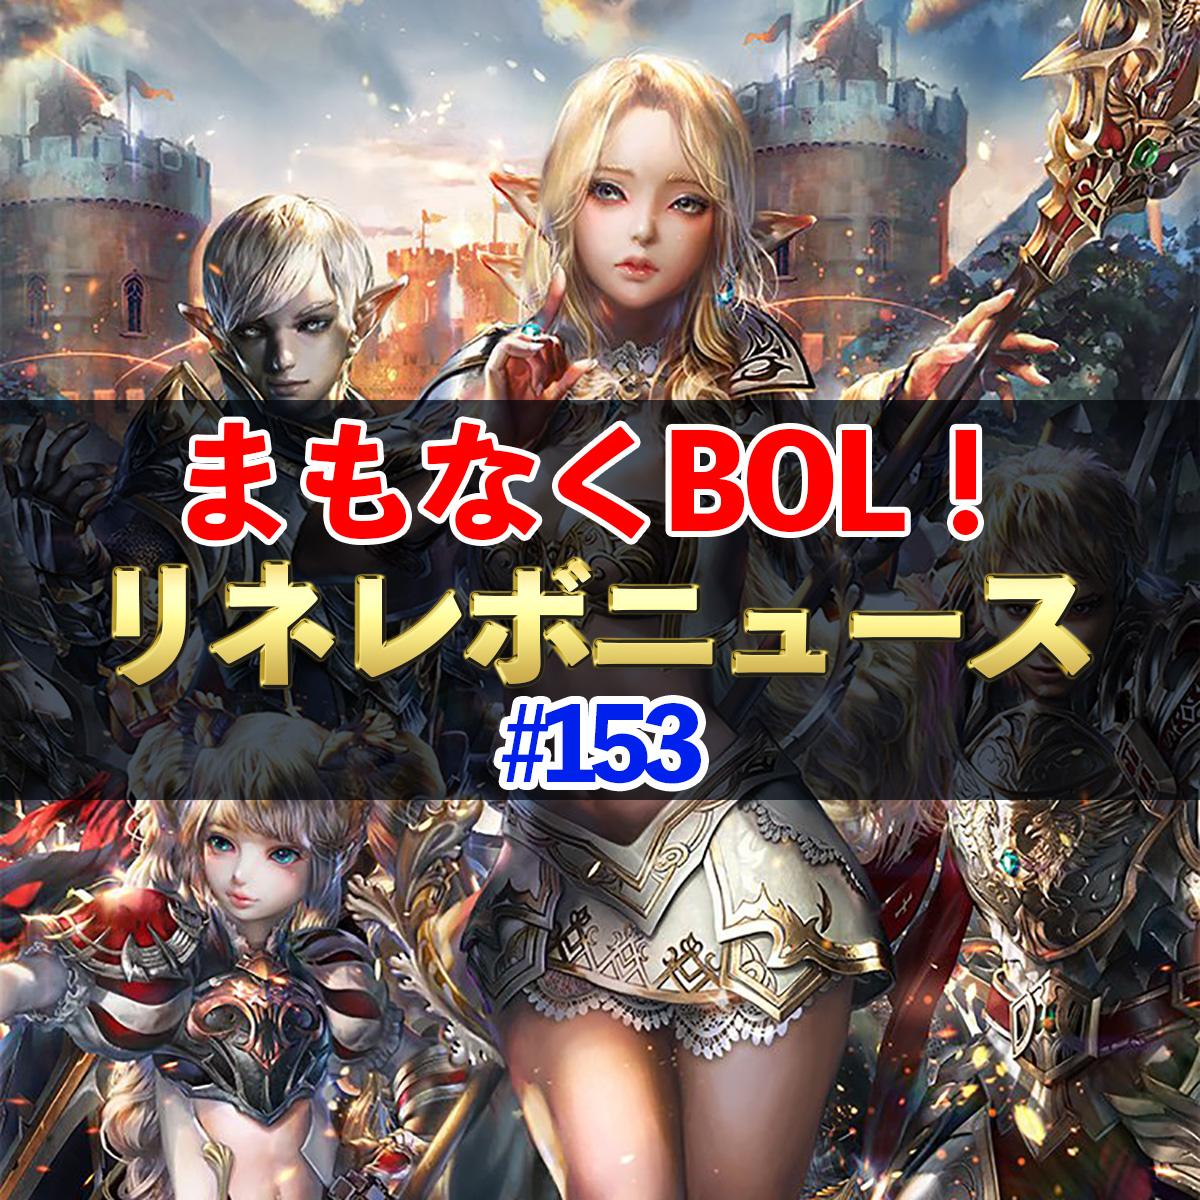 【リネレボ】どんな戦いになるのか? まもなくBOL開幕! #153